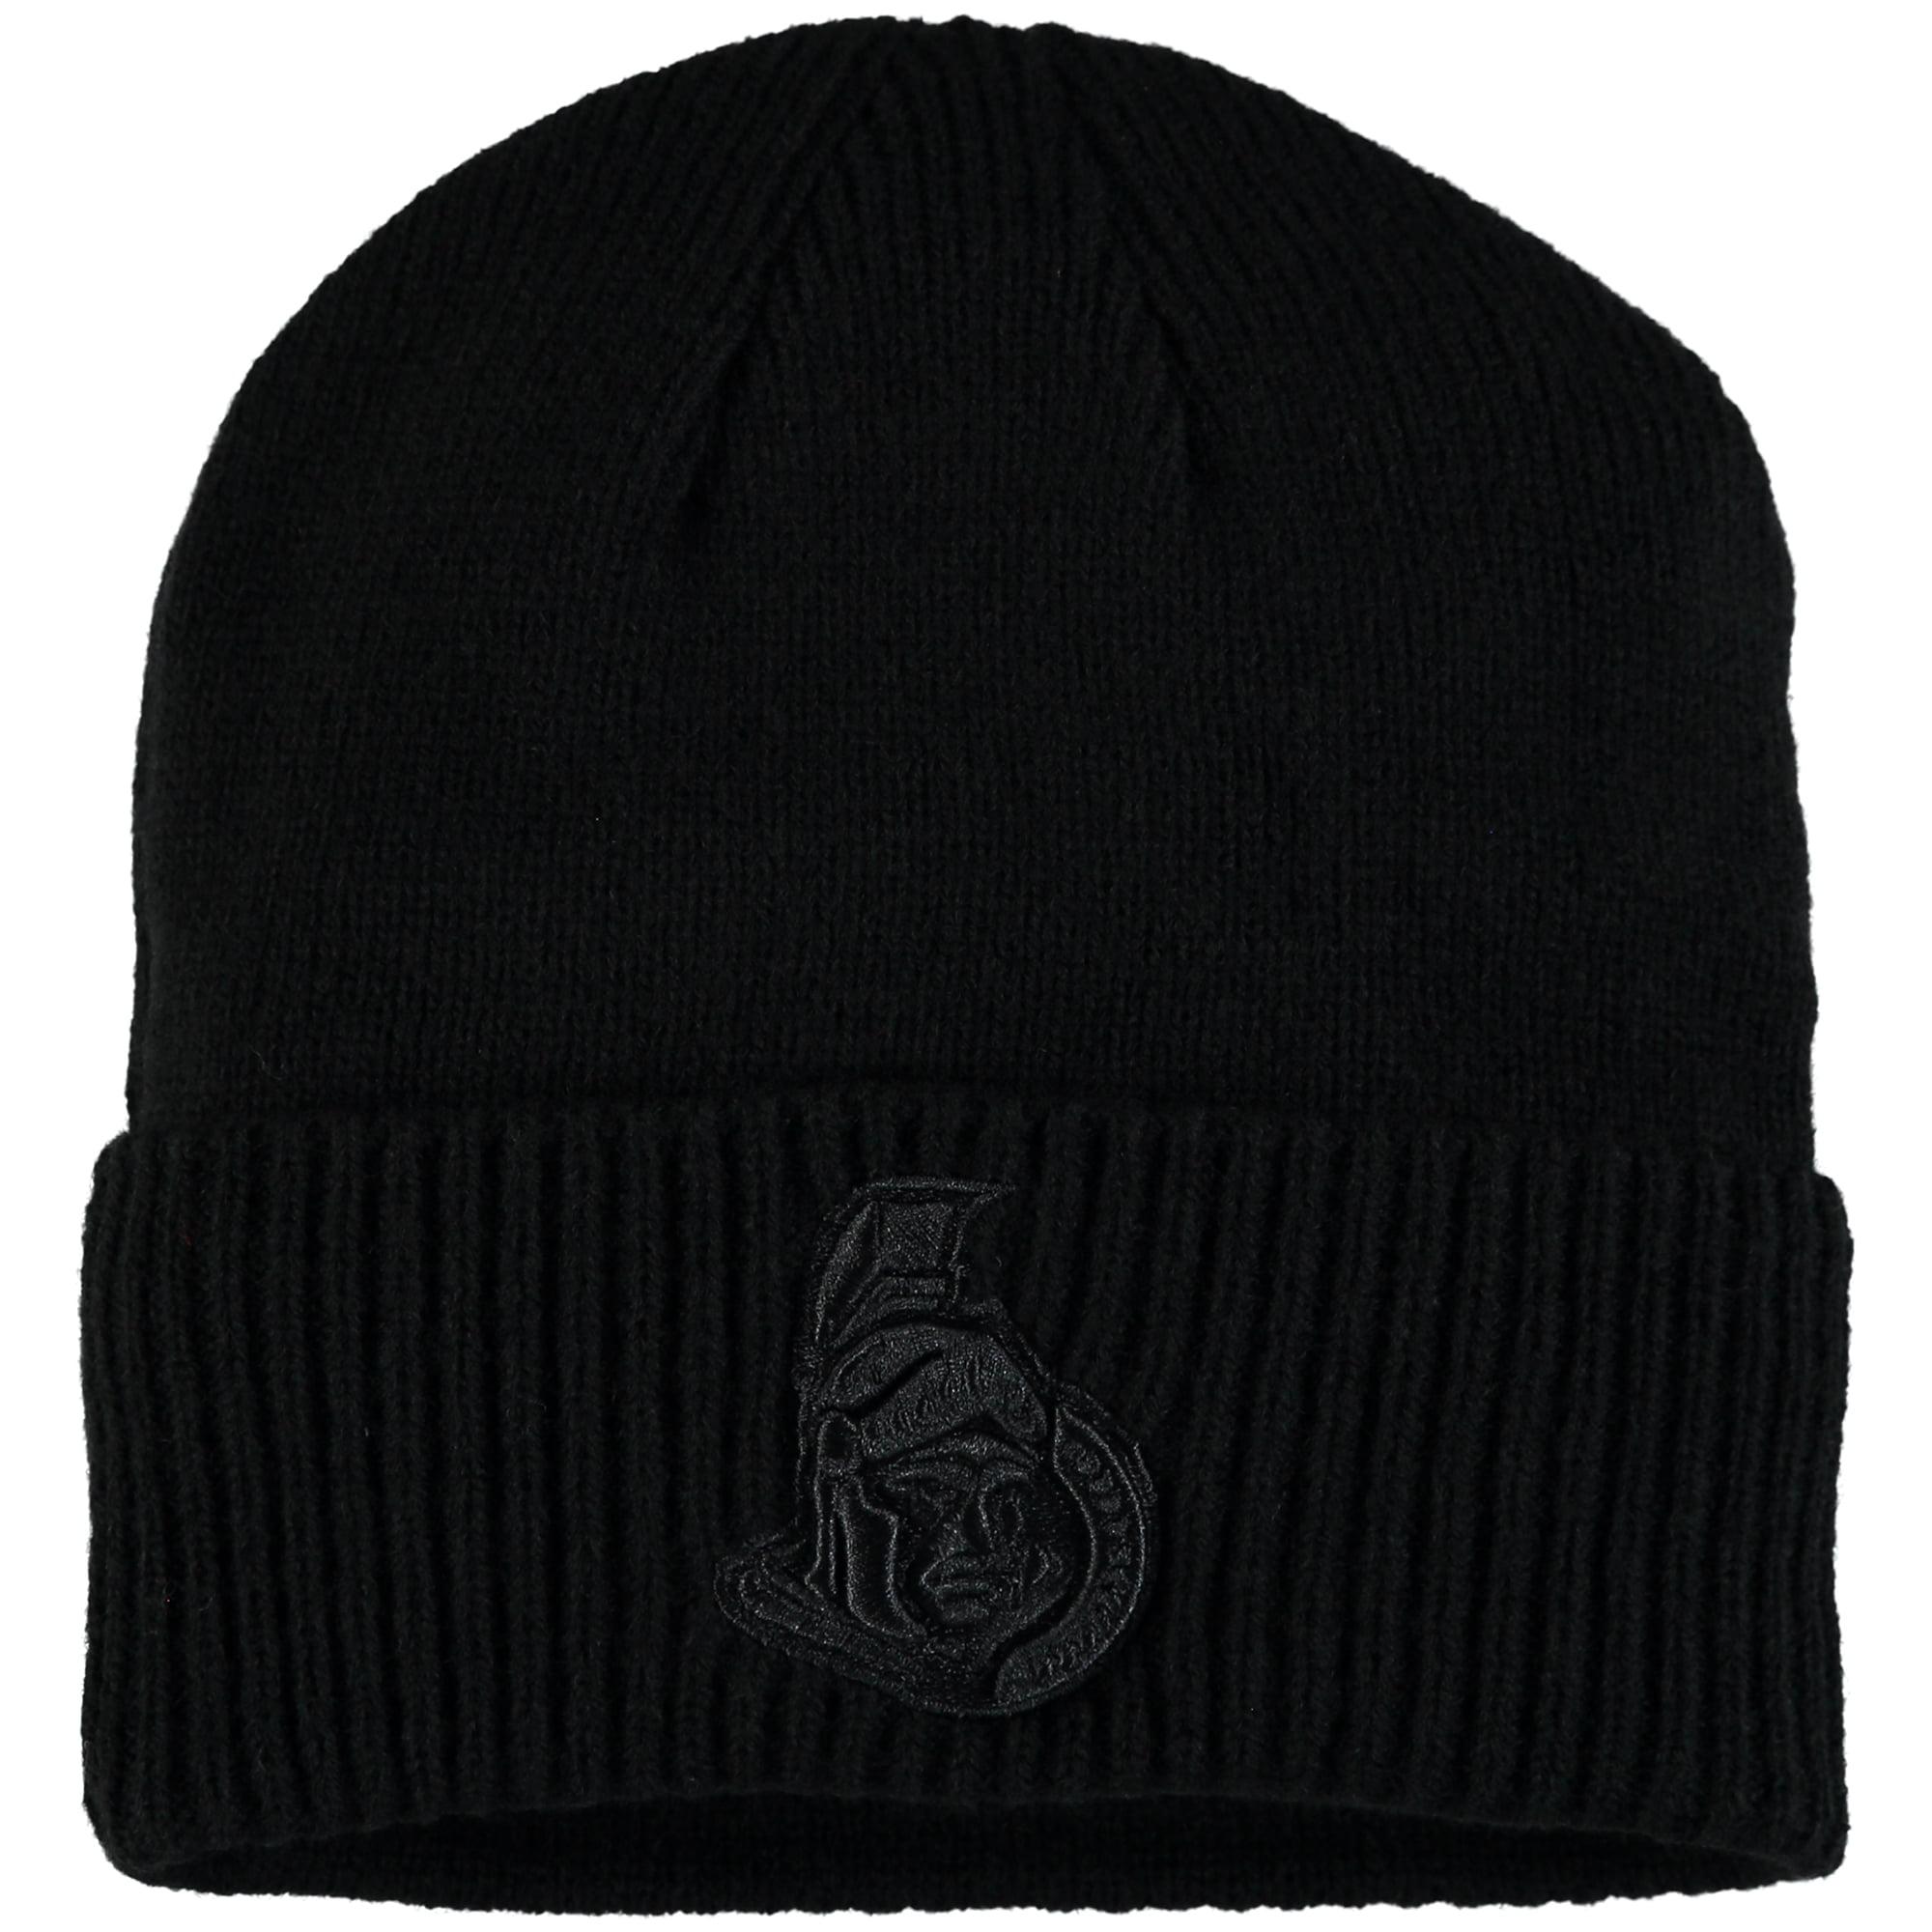 Ottawa Senators Fanatics Branded Team Haze Cuffed Knit Hat - Black - OSFA